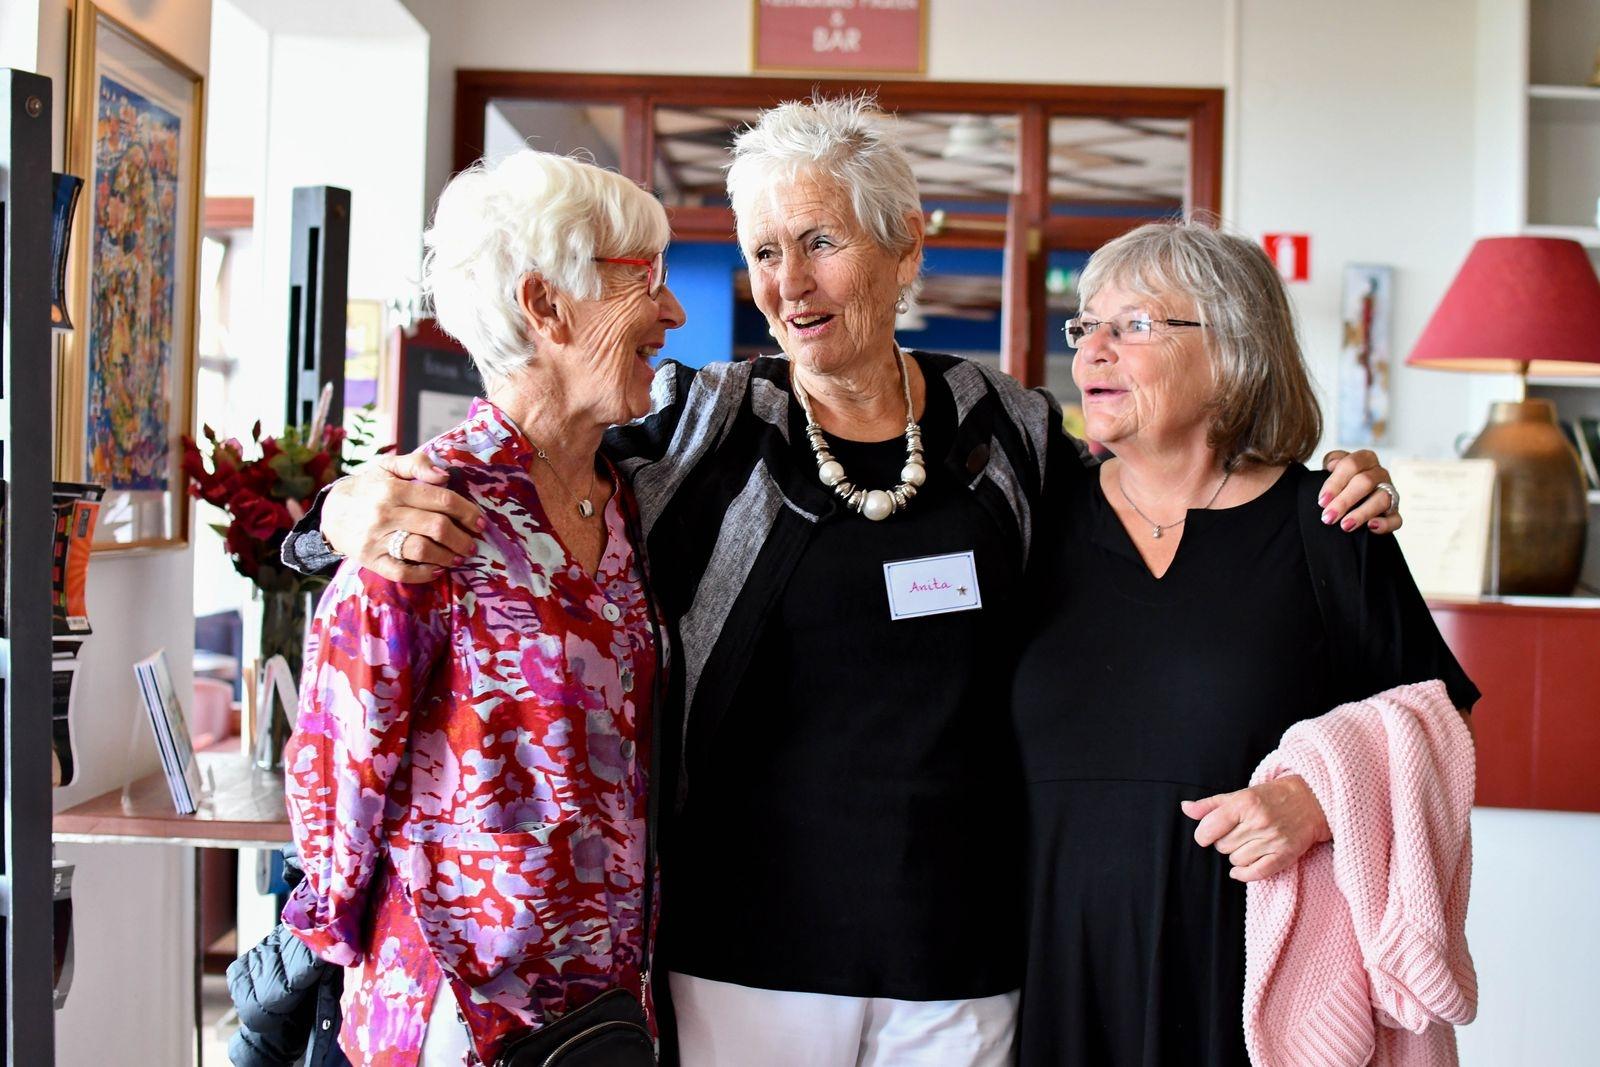 Gunilla Nilsson, Anita Brännvall och Agneta Andersson - tre av närmare åttio damer som samlades på Hotell Svea för att äta lunch tillsammans.